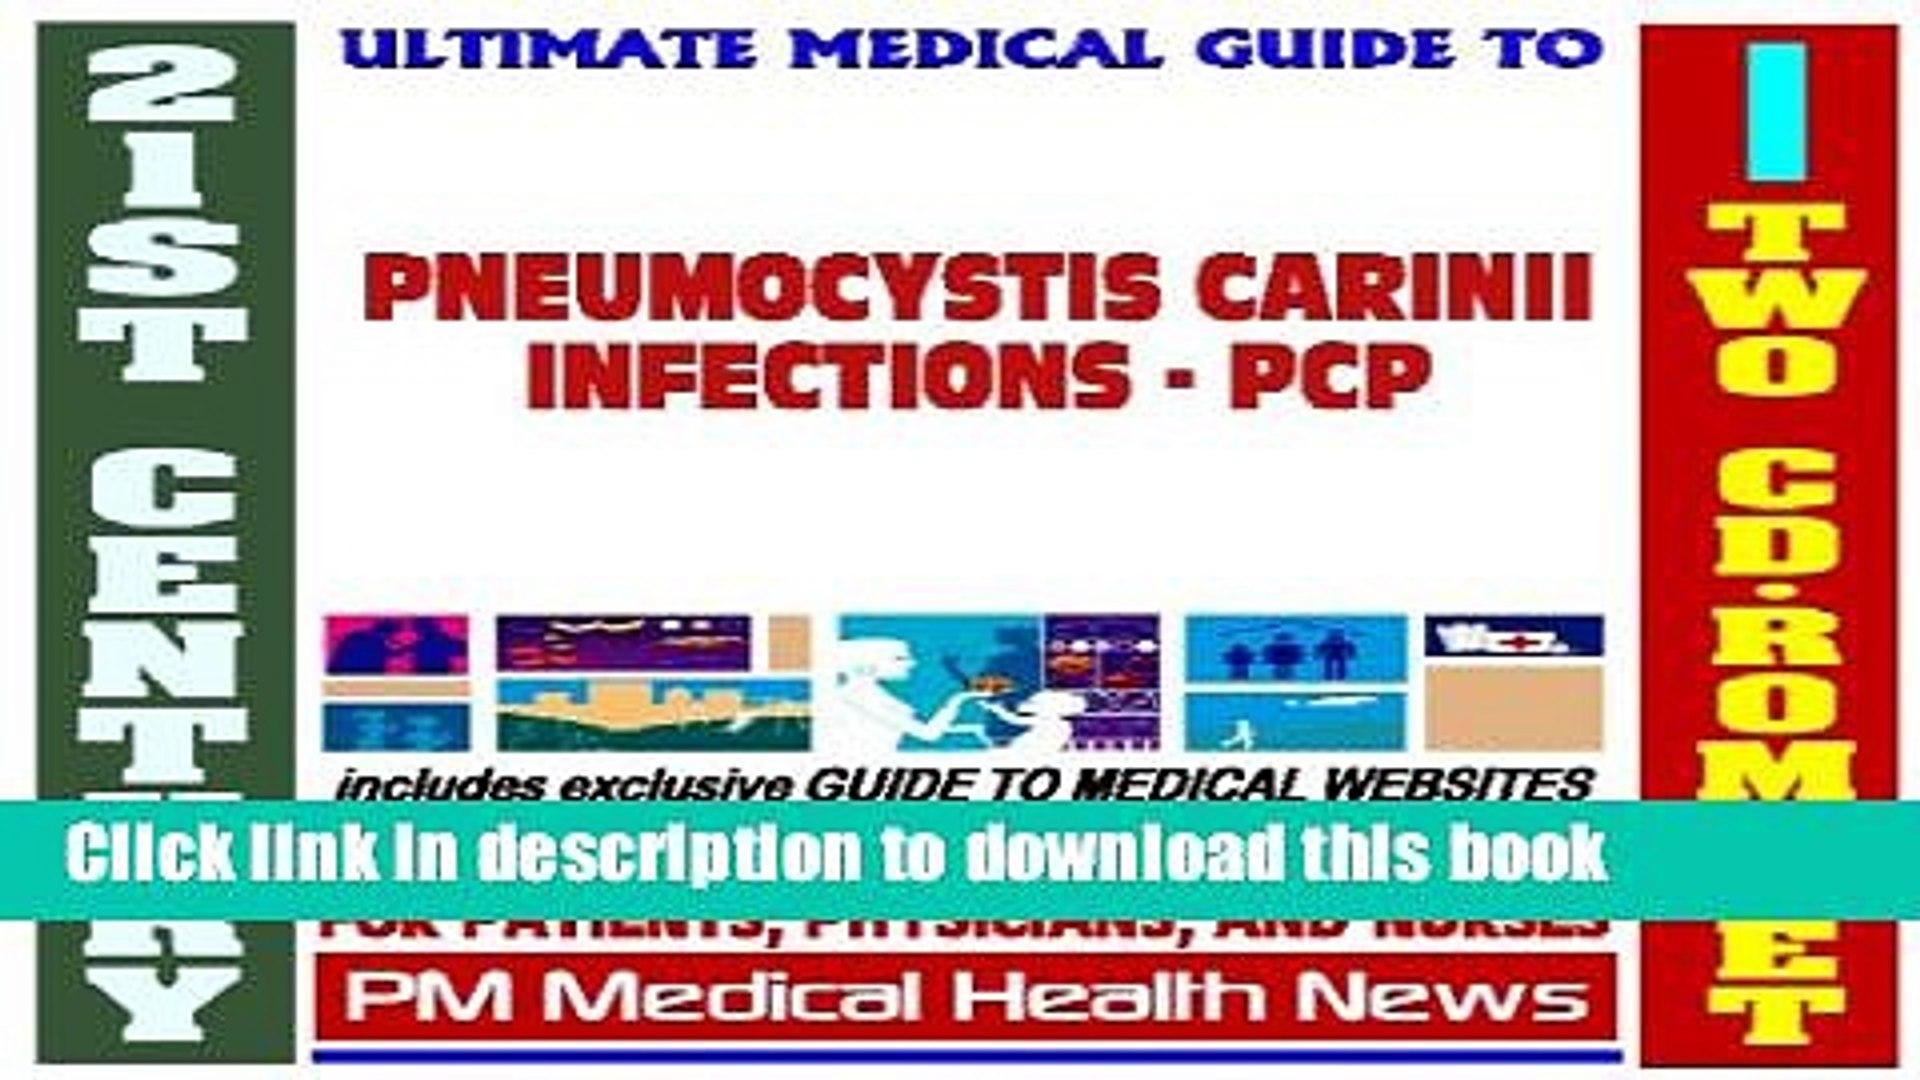 Read 21st Century Ultimate Medical Guide to Pneumocystis Carinii Pneumonia  (PCP) - Authoritative